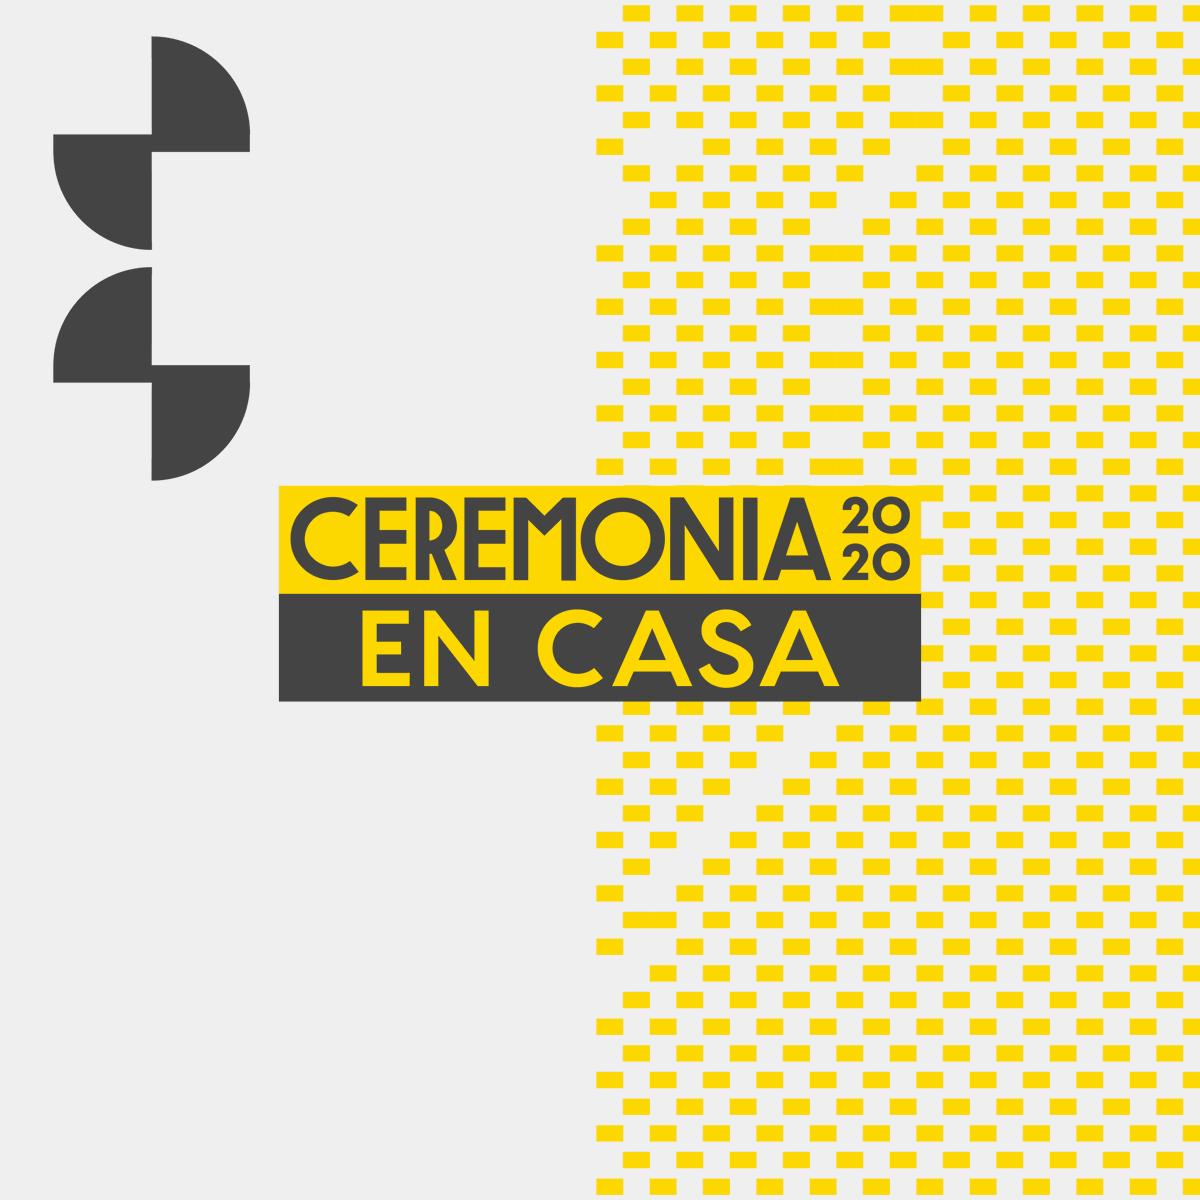 ¿Fuiste parte de #ceremoniaencasa el fin de semana? Hoy en #MúsicaVsElBicho con @protopeople hablamos con Monse Castera, directora de comunicación de @CeremoniaFest   Sintoniza aquí 👇🏼  https://t.co/ymwwcmgKfj https://t.co/RBve29szQL